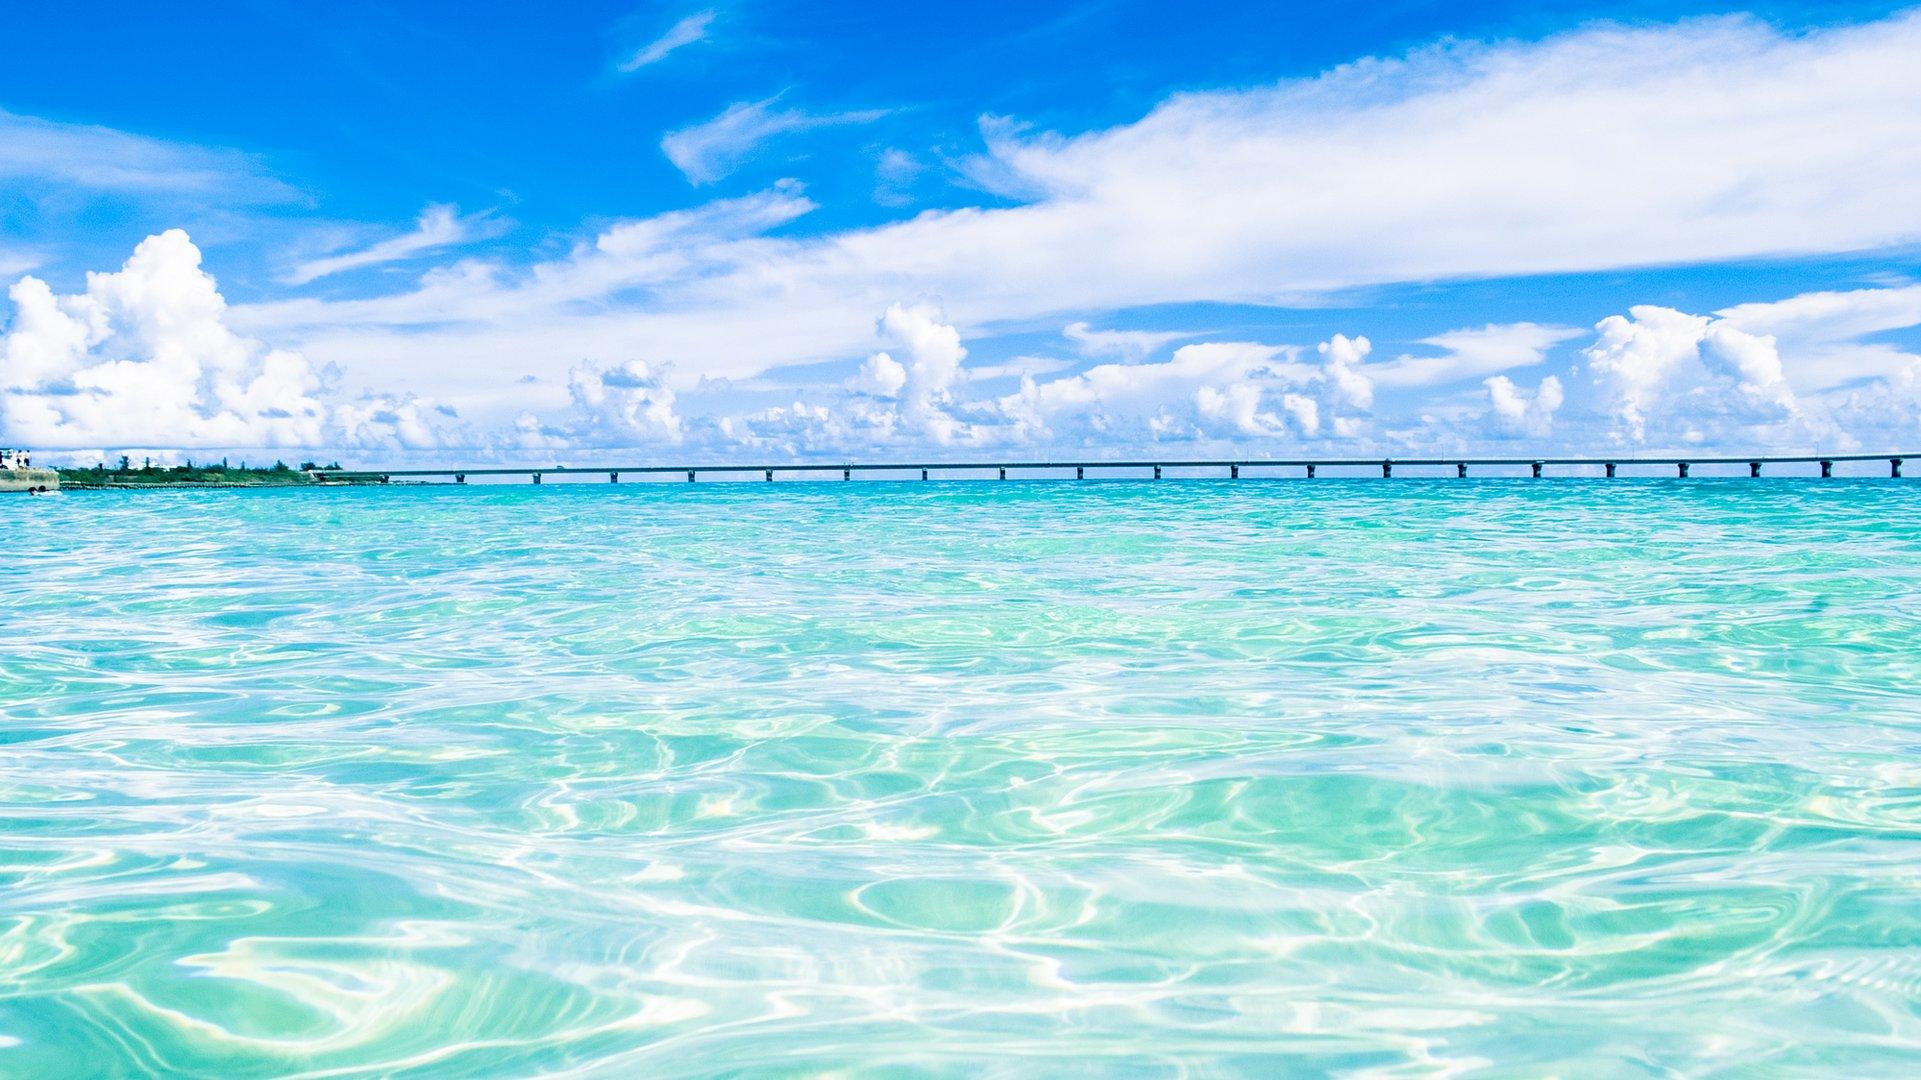 誰もが恋する青い海。日本の人気「ビーチ」ランキング2019 - TRiP EDiTOR